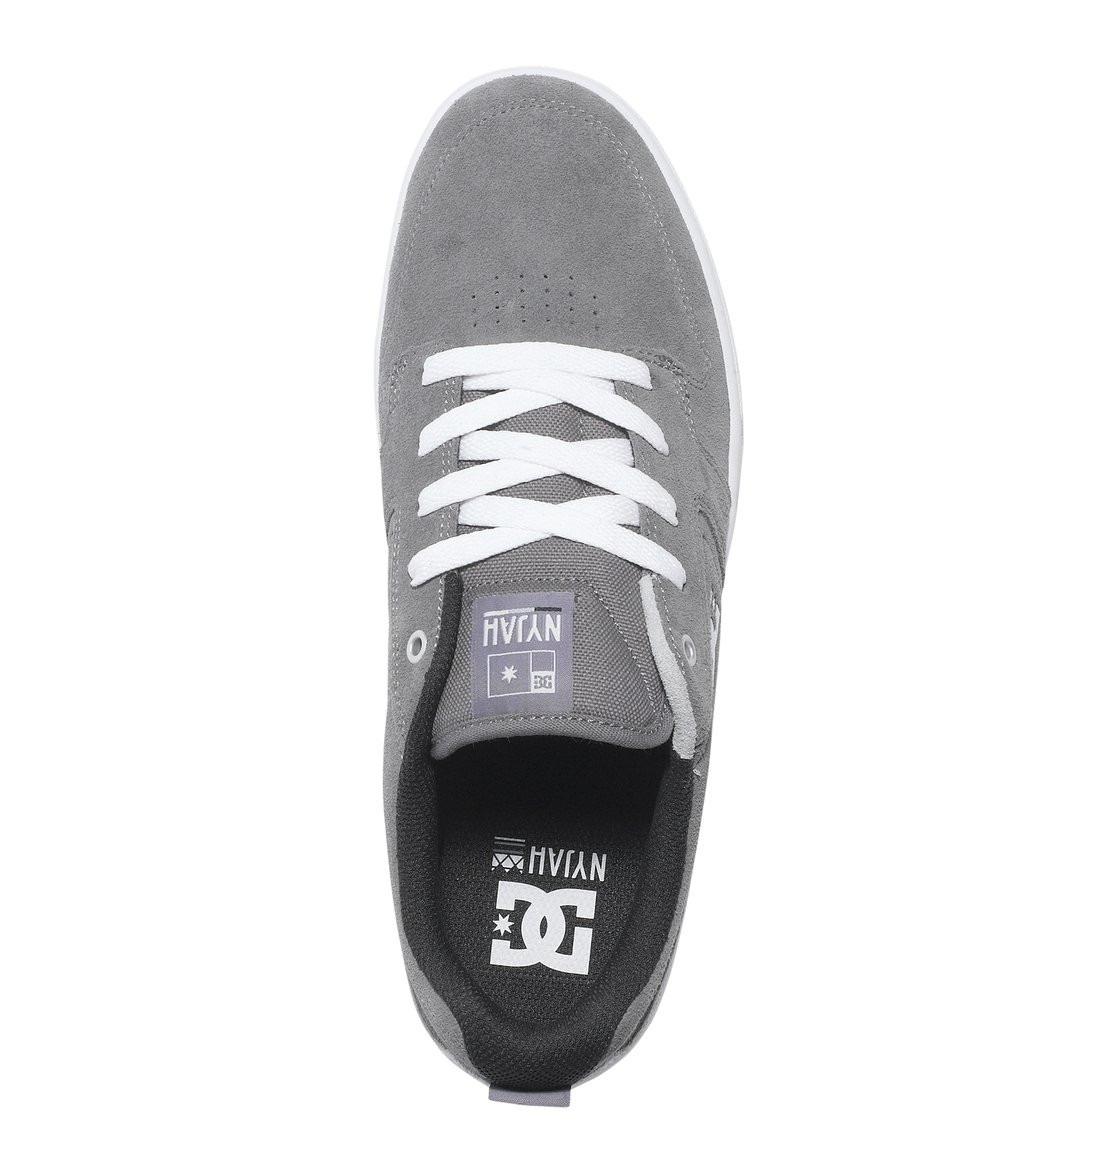 1278141a2c tênis dc shoes nyjah huston skate original. Carregando zoom.